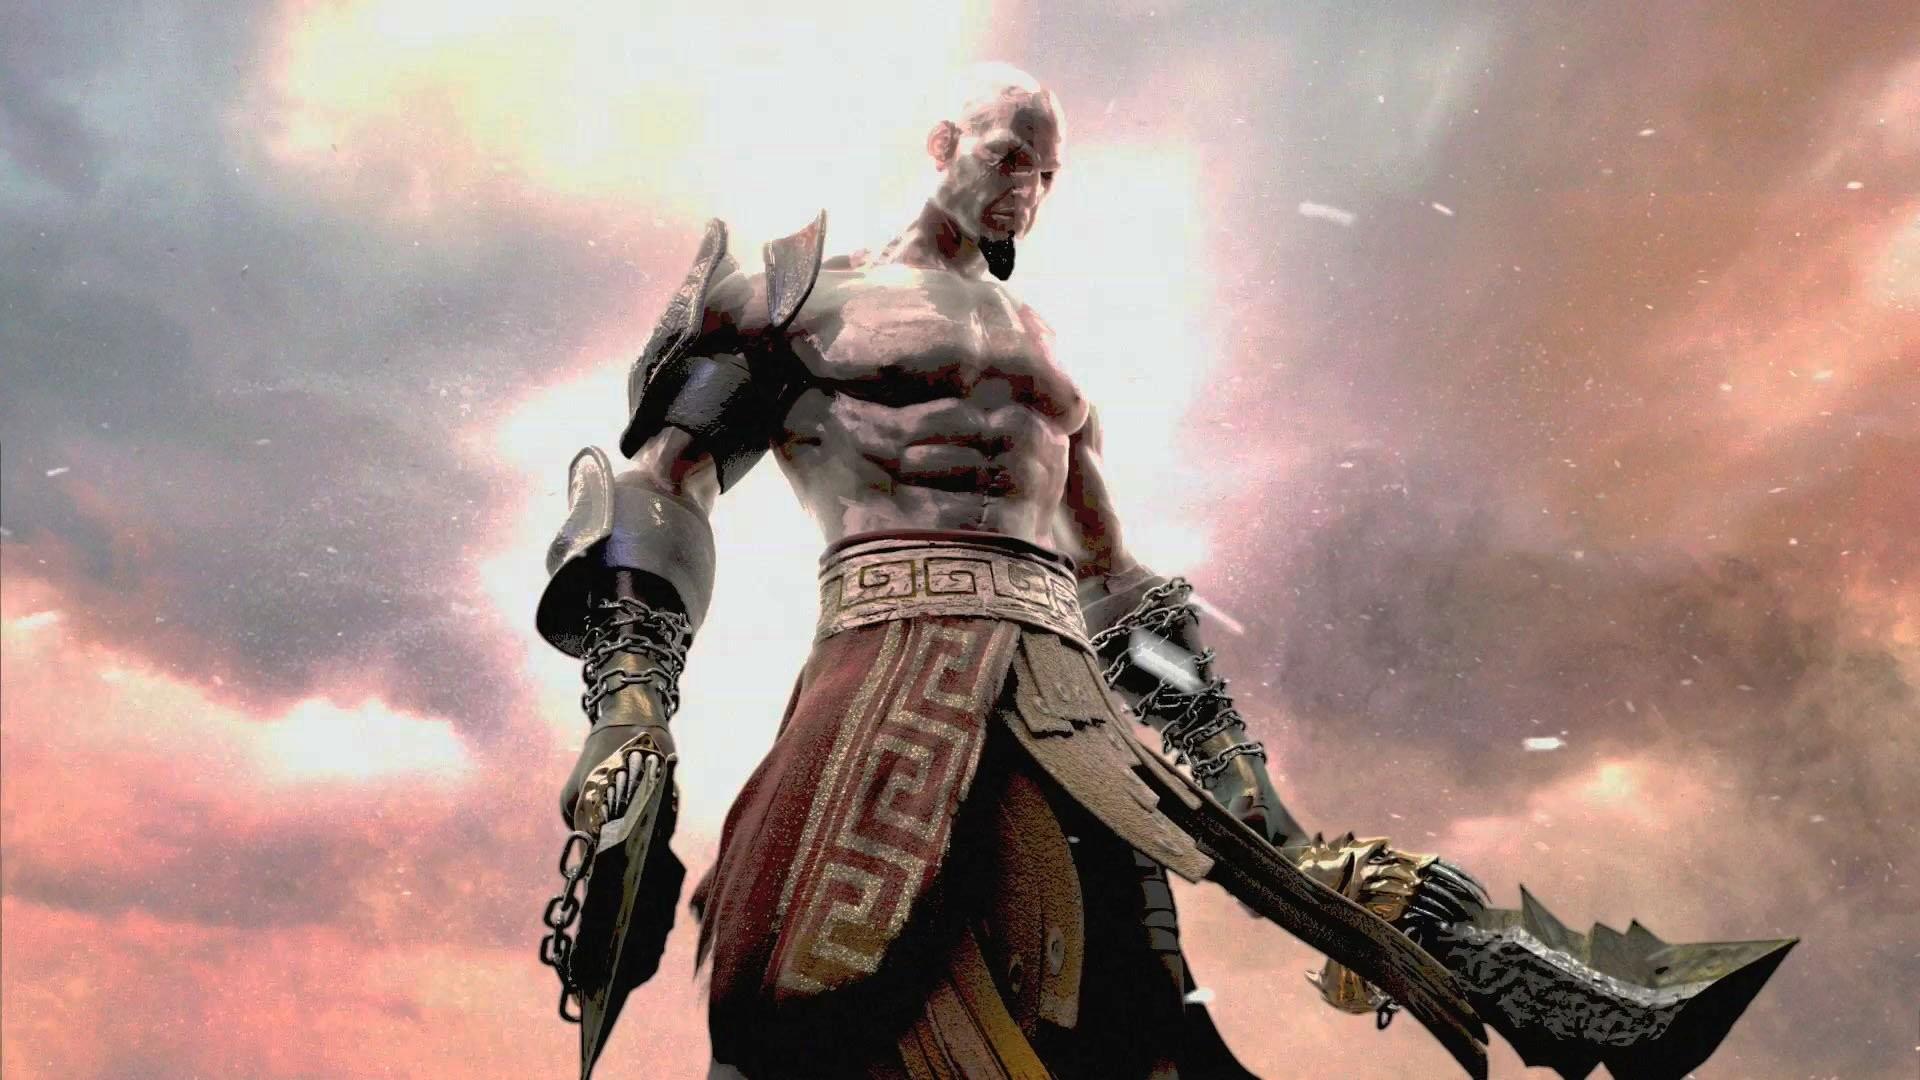 Kratos God Of War 3 447075   Data Src God Of War 3 - Kratos Wallpaper God Of War - HD Wallpaper